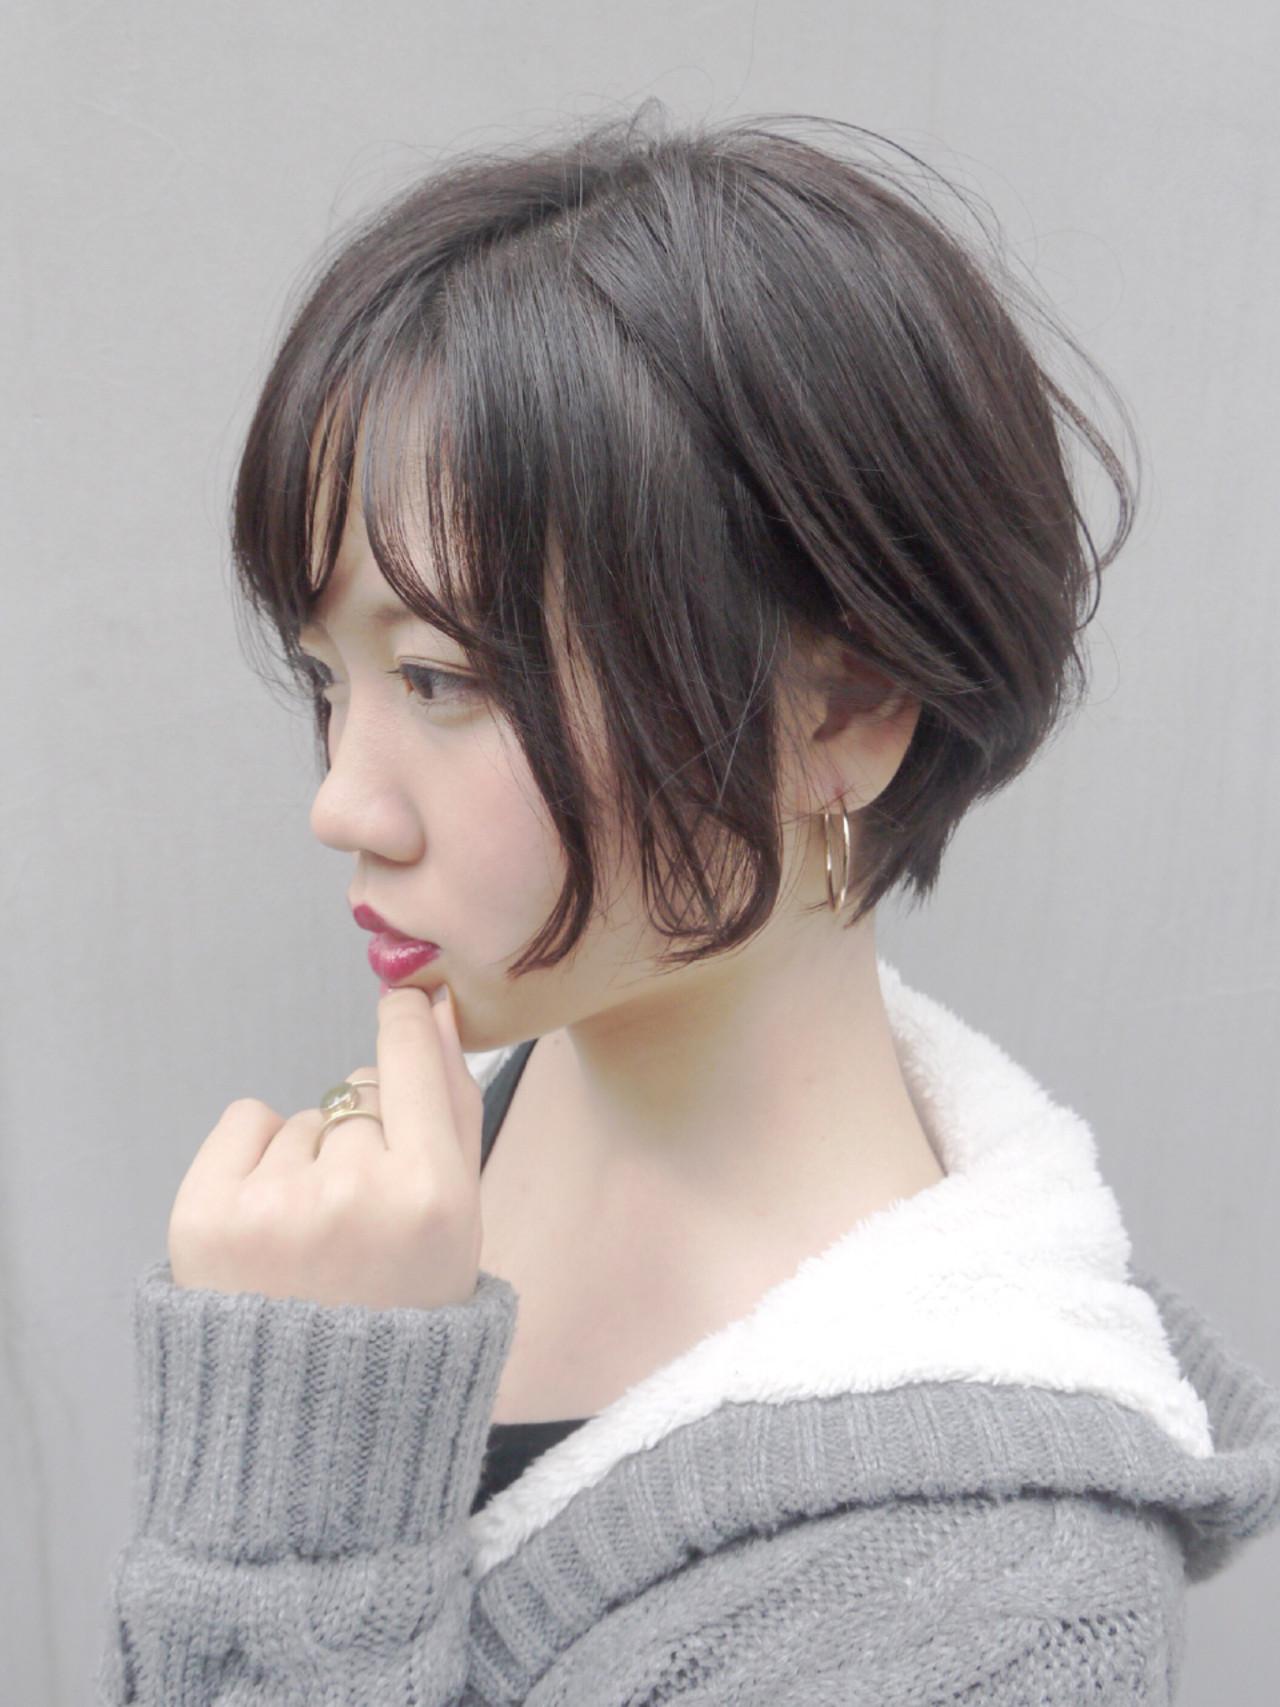 冬 コンサバ 秋 カーキアッシュ ヘアスタイルや髪型の写真・画像